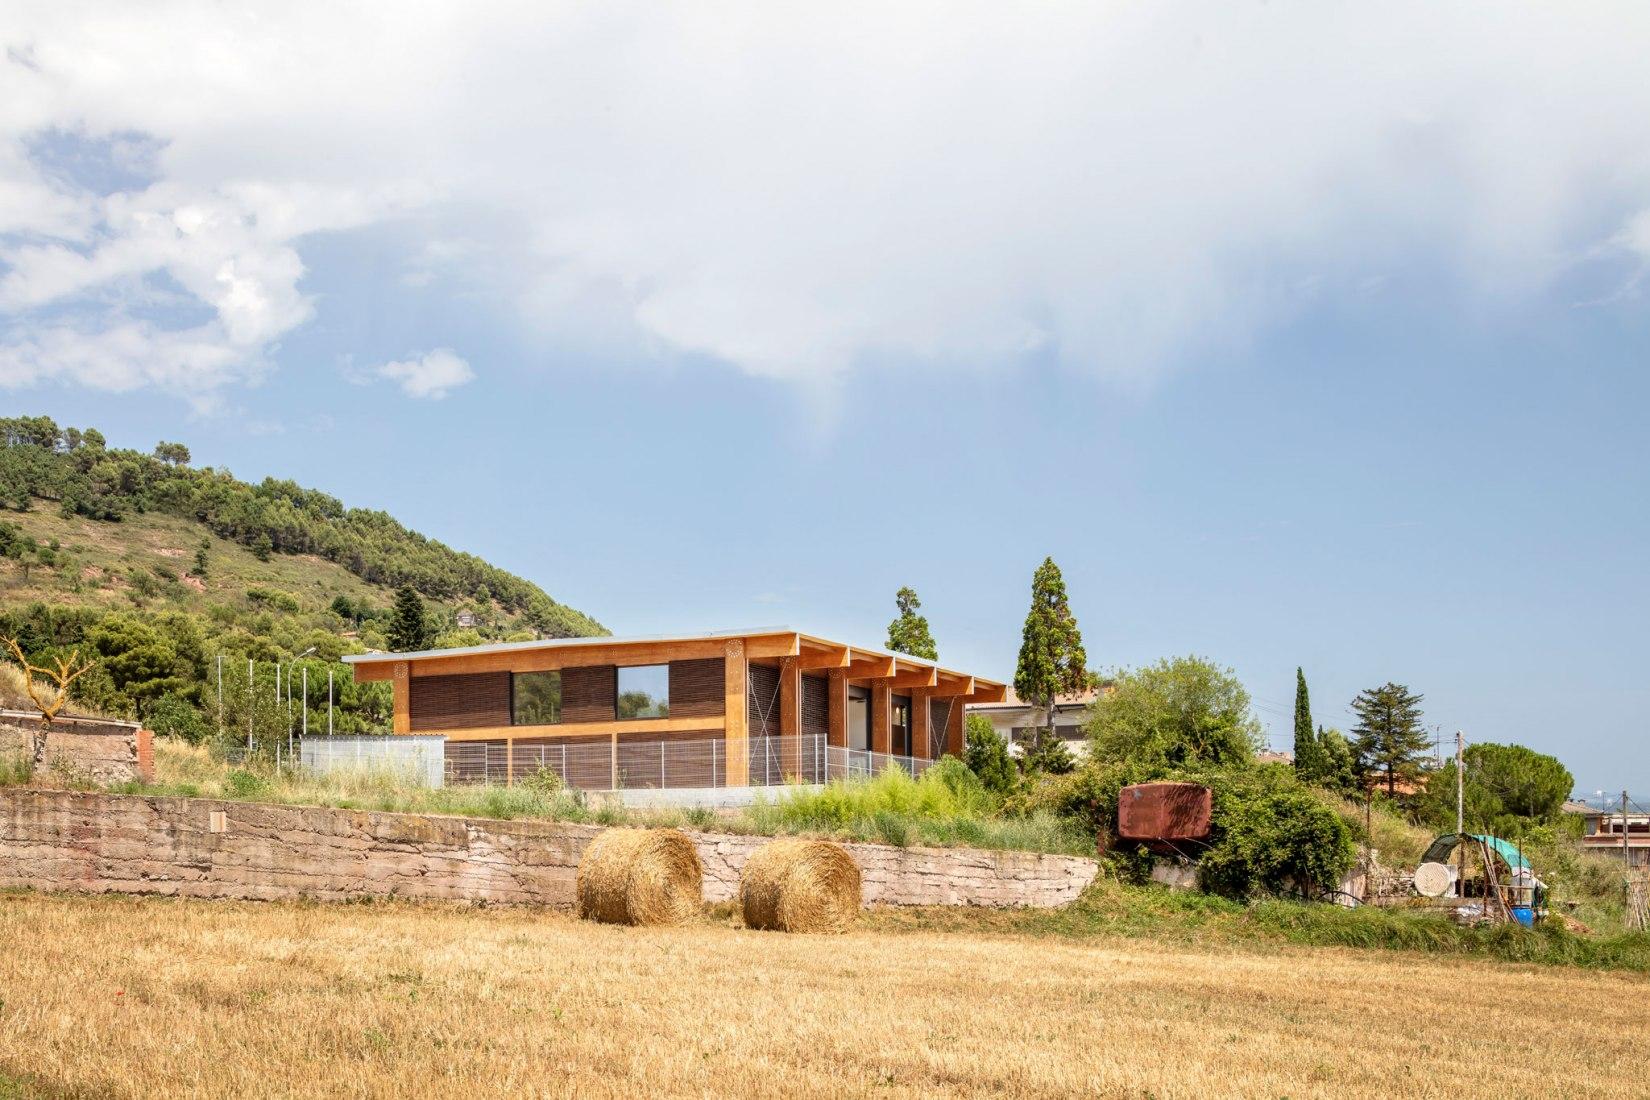 Parque de bomberos en Moià por Josep Ferrando Architecture, Pedro García Hernández, Mar Puig de la Bellacasa, Manel Casellas. Fotografía por Adrià Goula